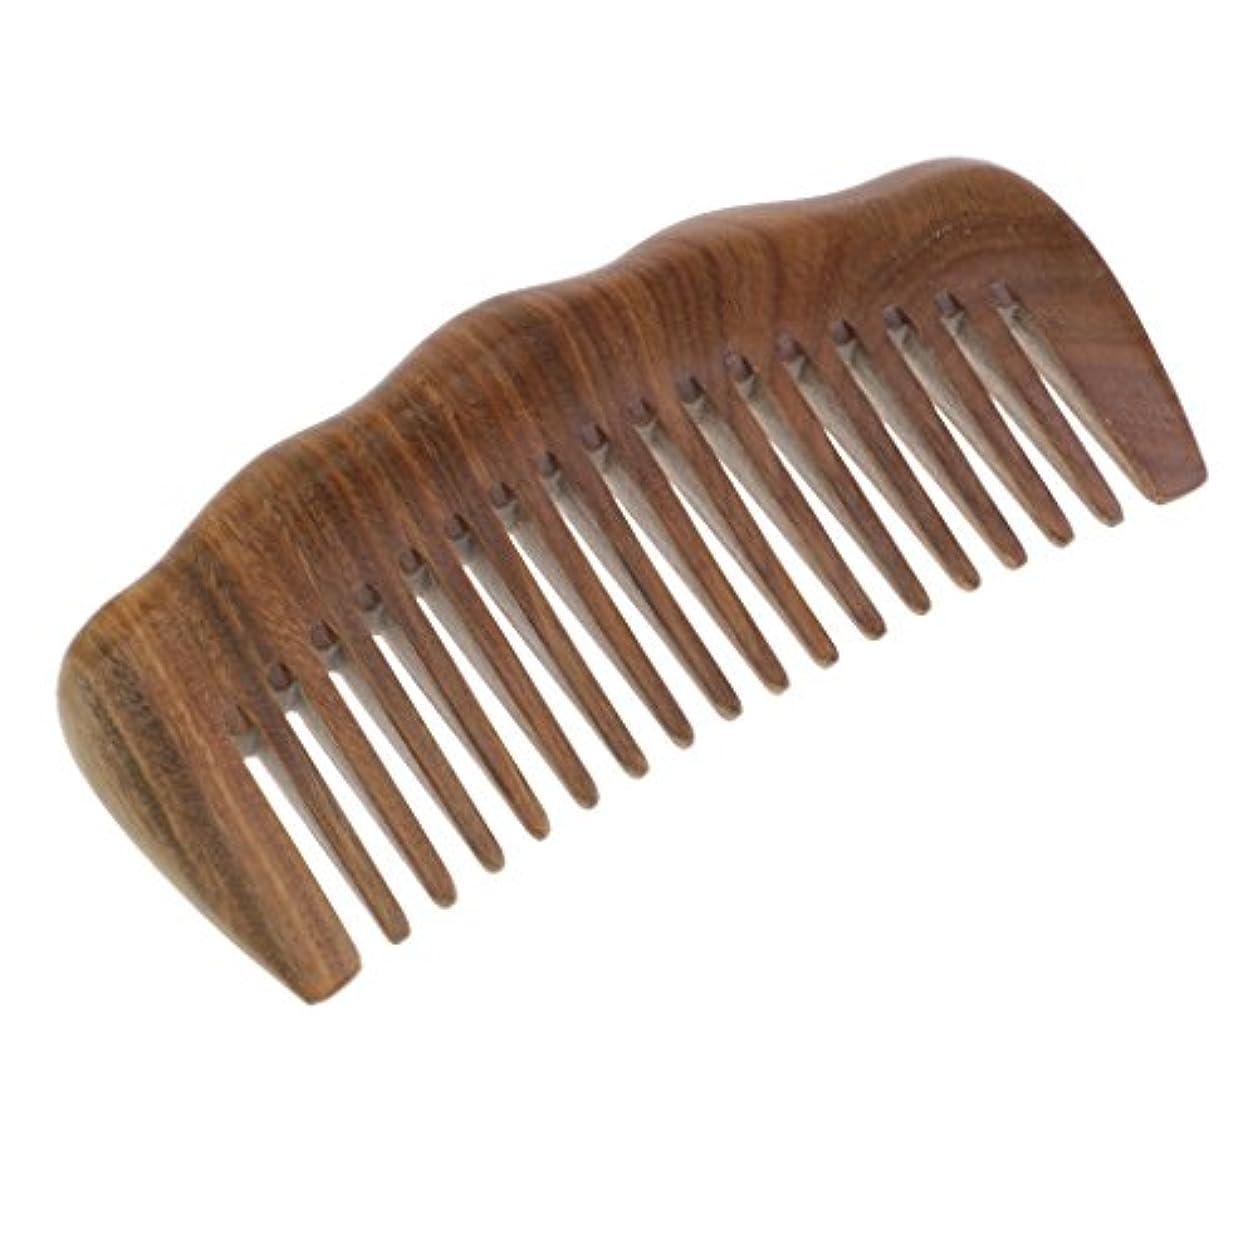 無限批判森林緑のビャクダンの毛の櫛 - 巻き毛のための広い歯の木のもつれ解除の櫛 - いいえ静的で自然な香りの木製の櫛